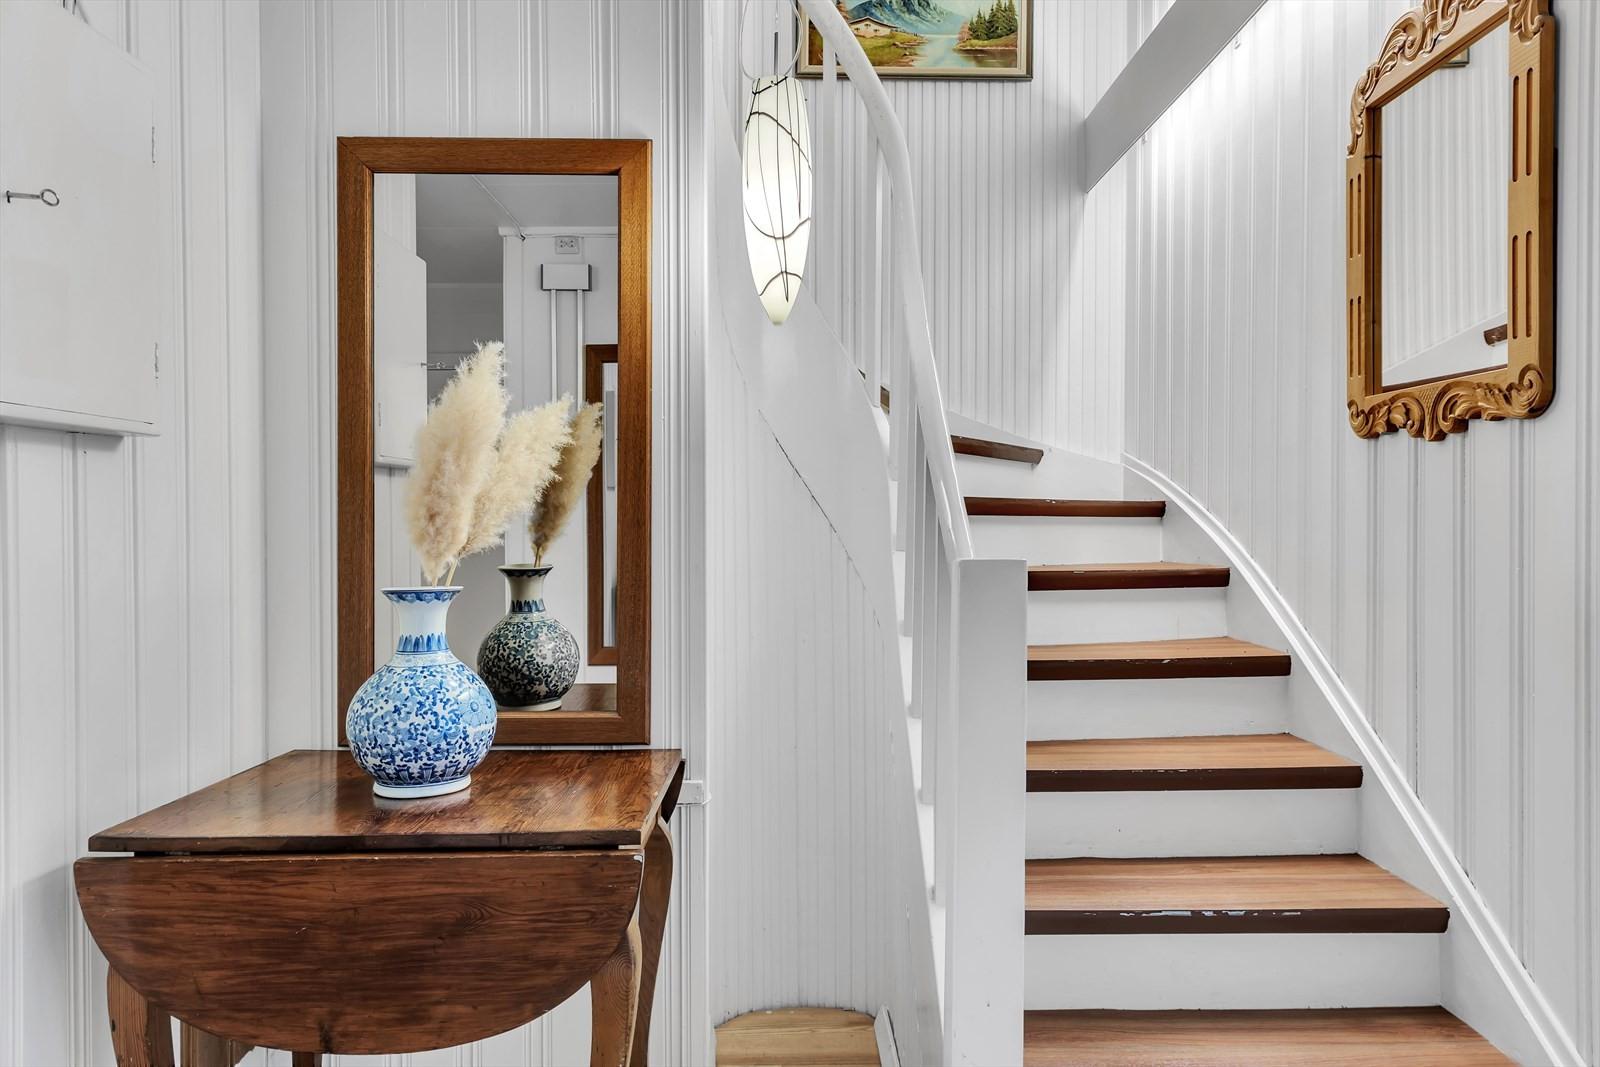 Mellomgang med trappetilkomt til loftsetasjen